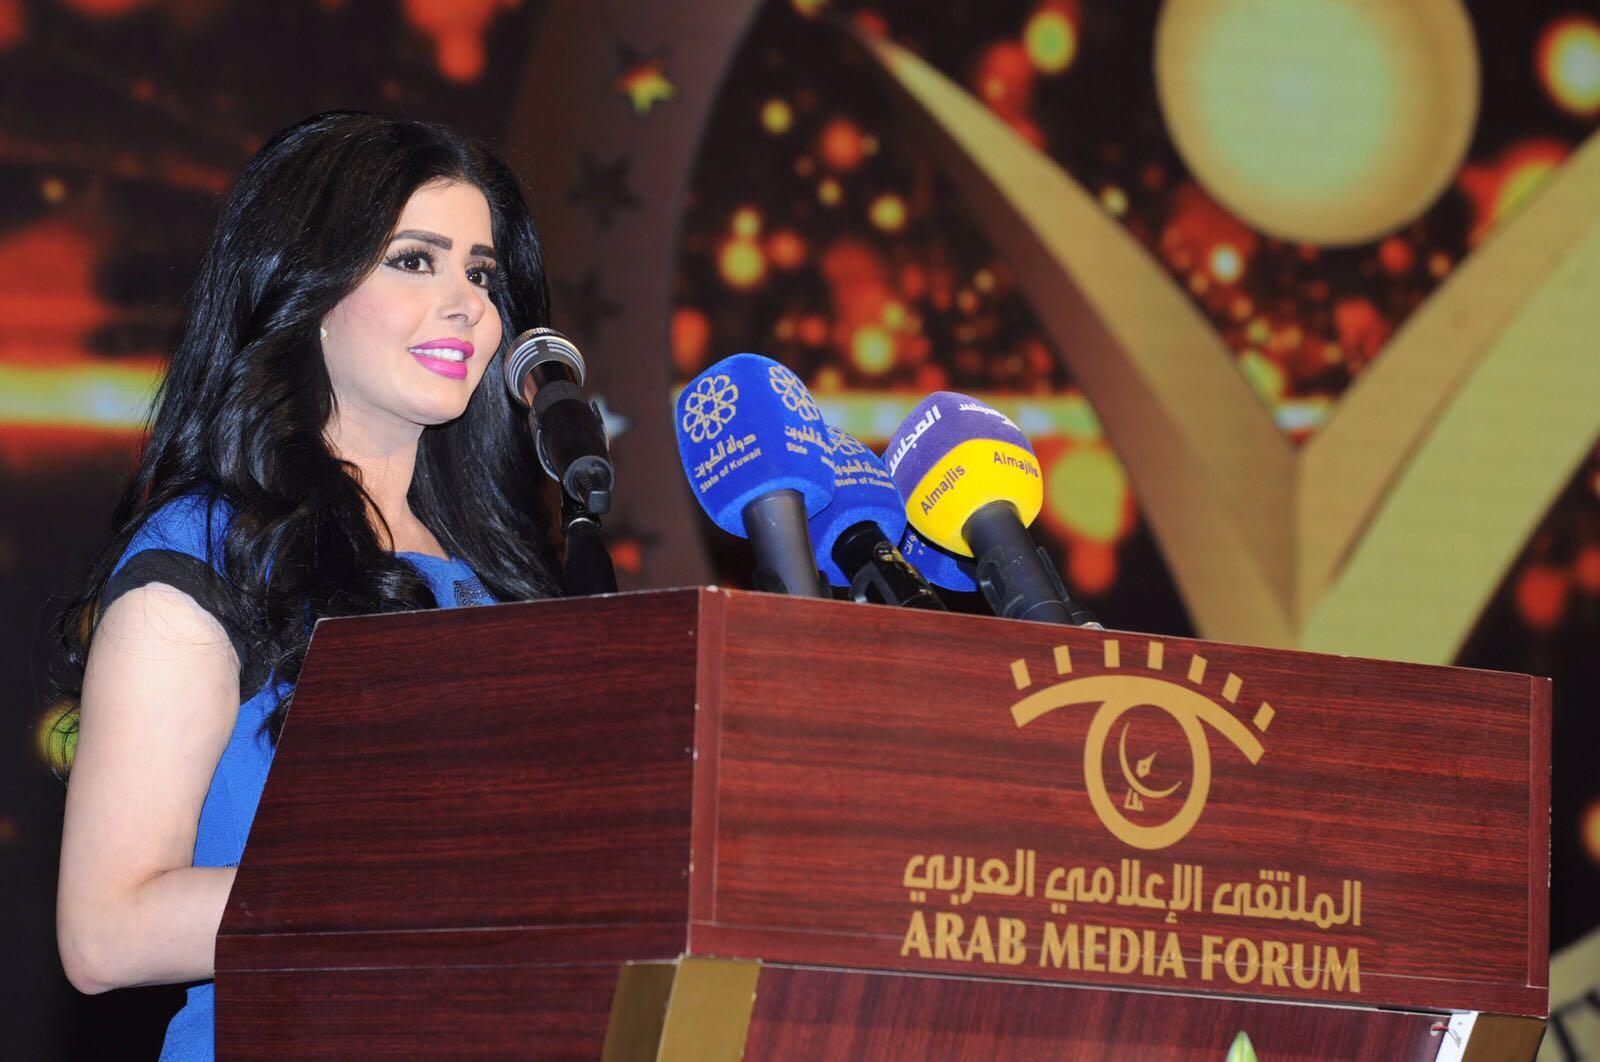 الملتقى الإعلامي العربي